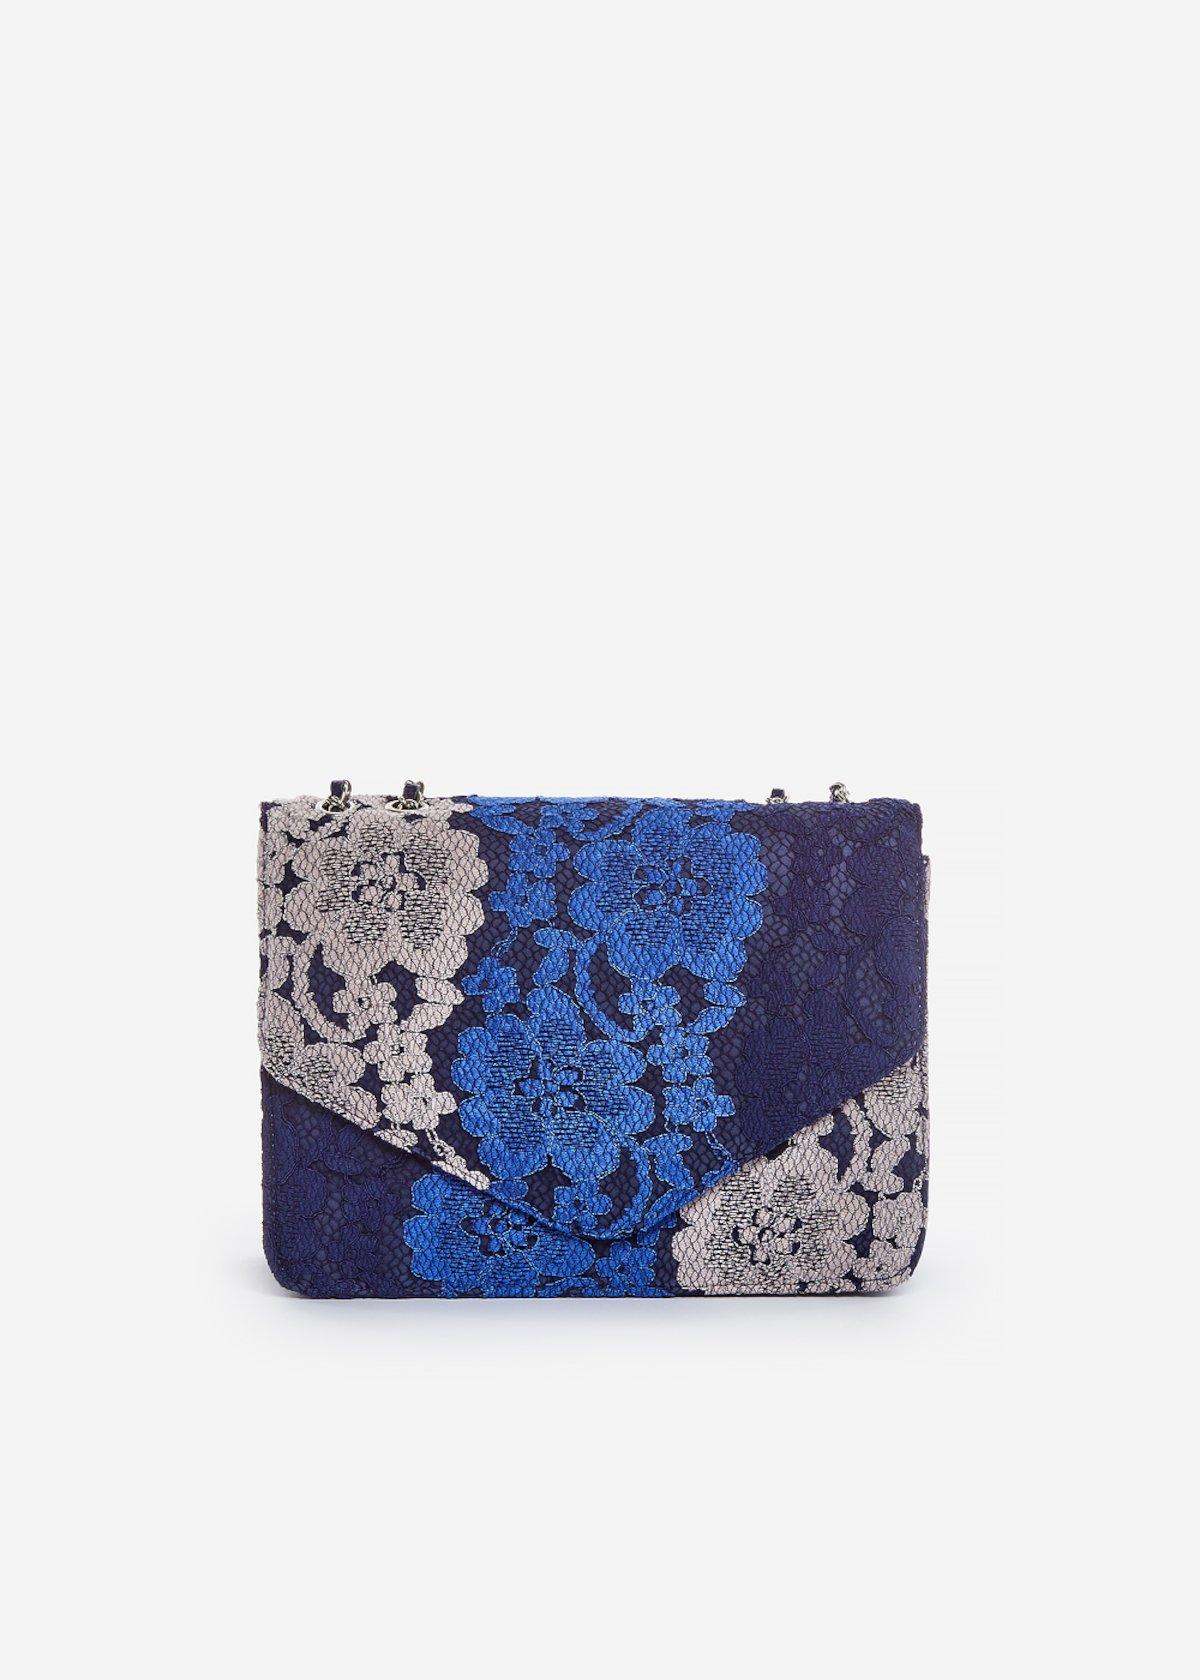 Pochette Bricia tricolour lace